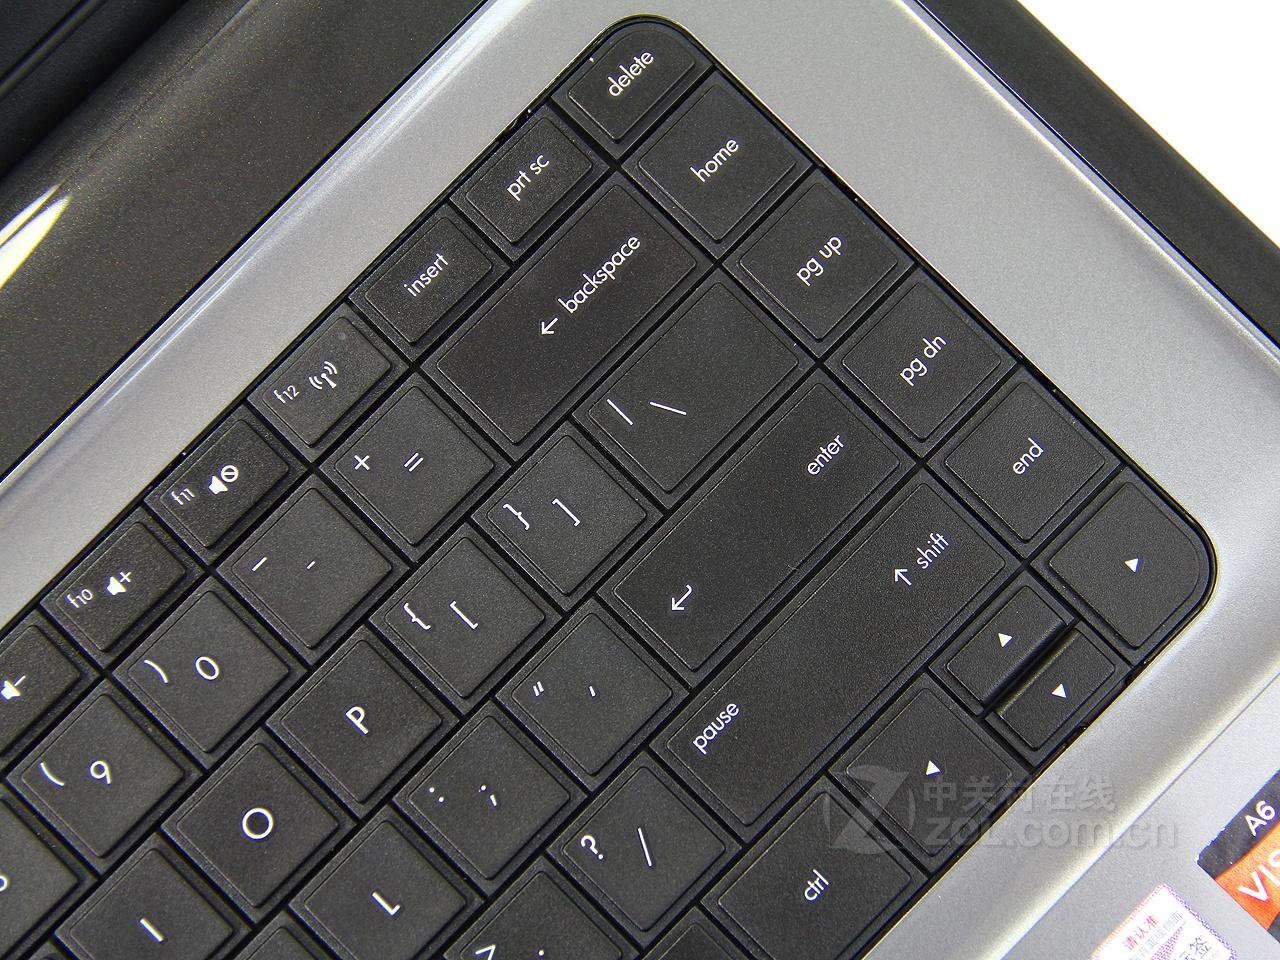 惠普g6系列键盘面右上图片欣赏图片